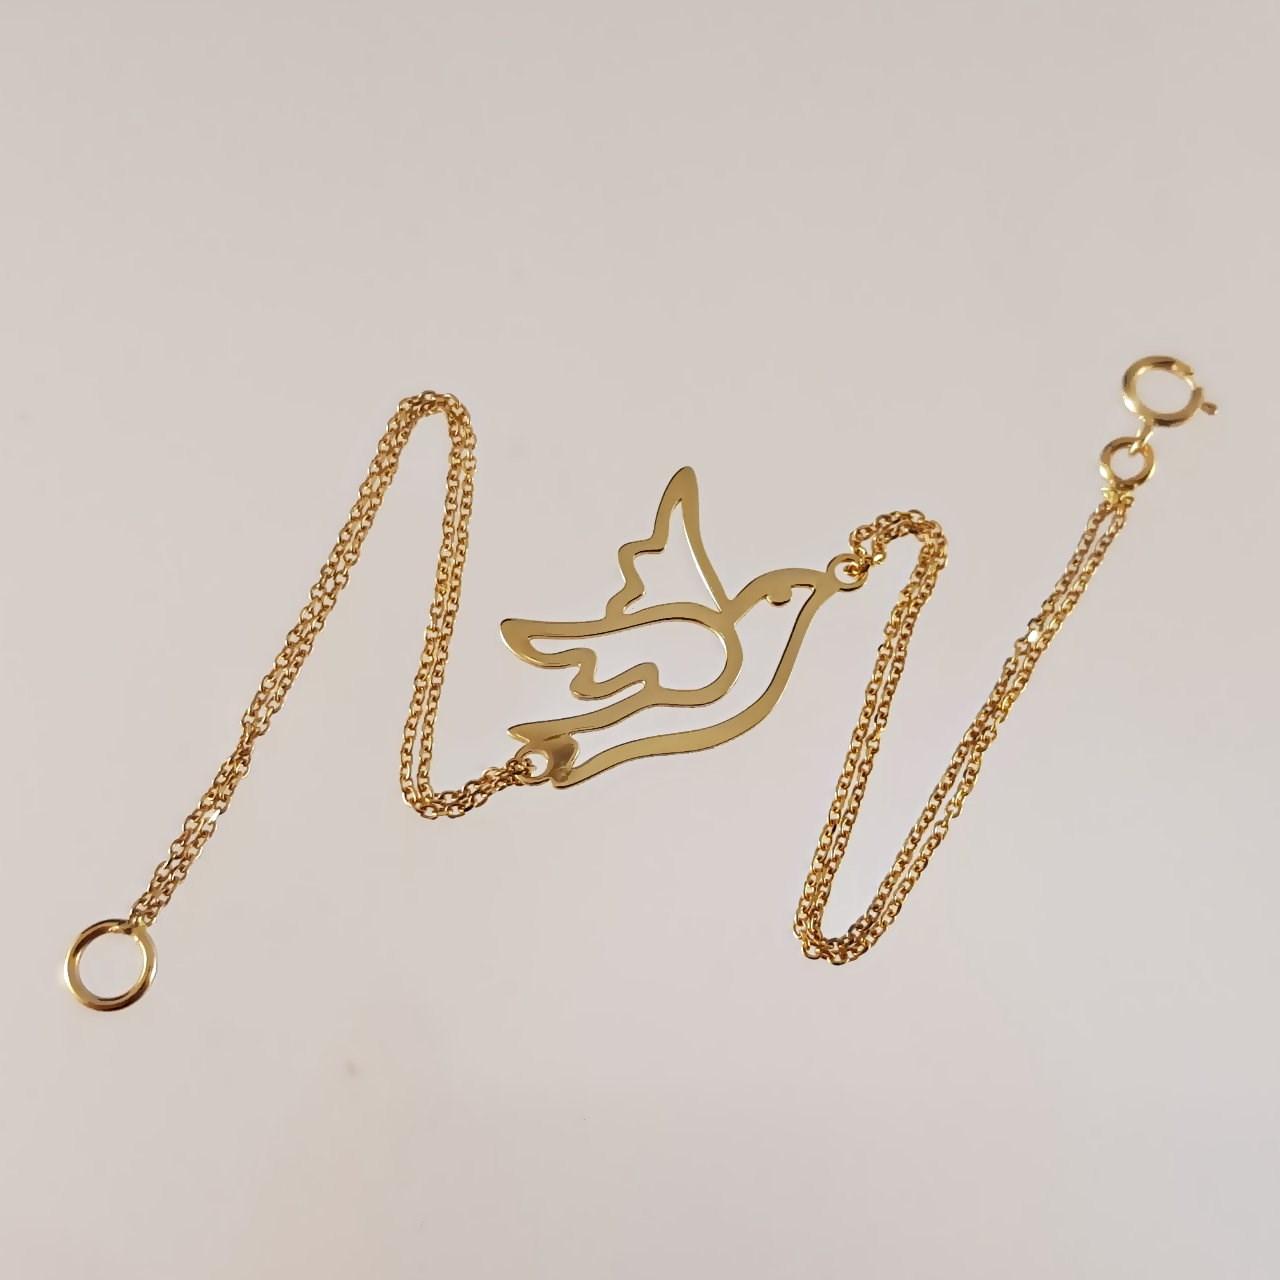 دستبند طلا 18 عیار گالری آمانژ مدل D164